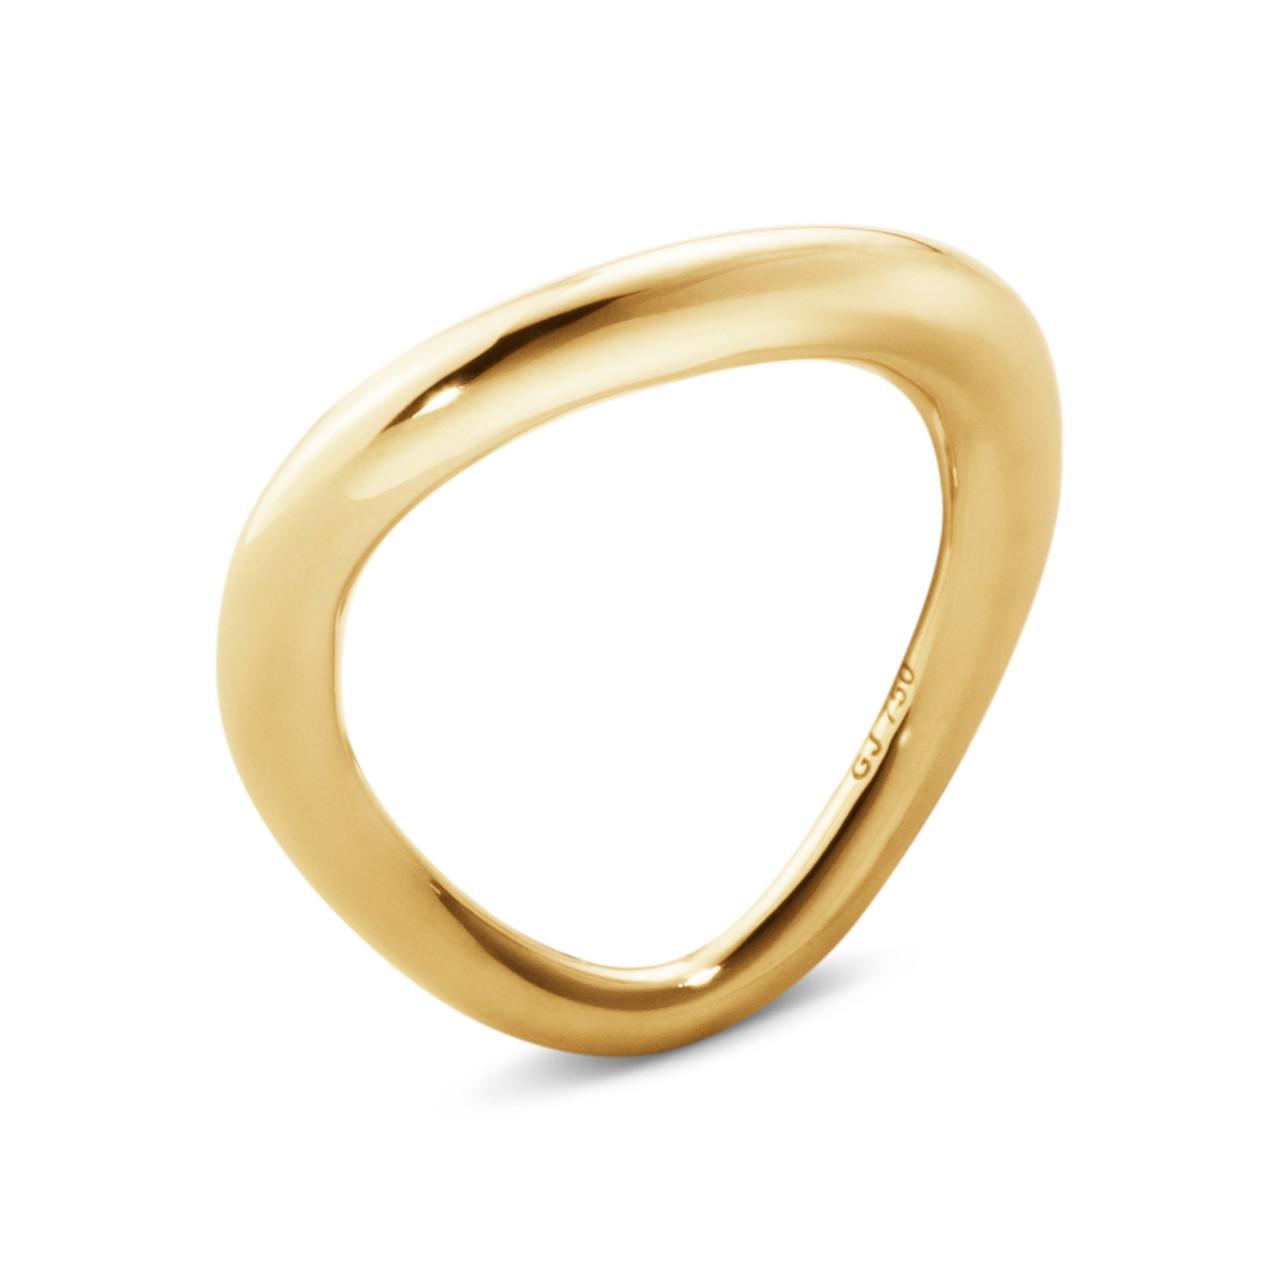 9b62f9499de Ringe » Shop din nye ring online her - Kæmpe sortiment!